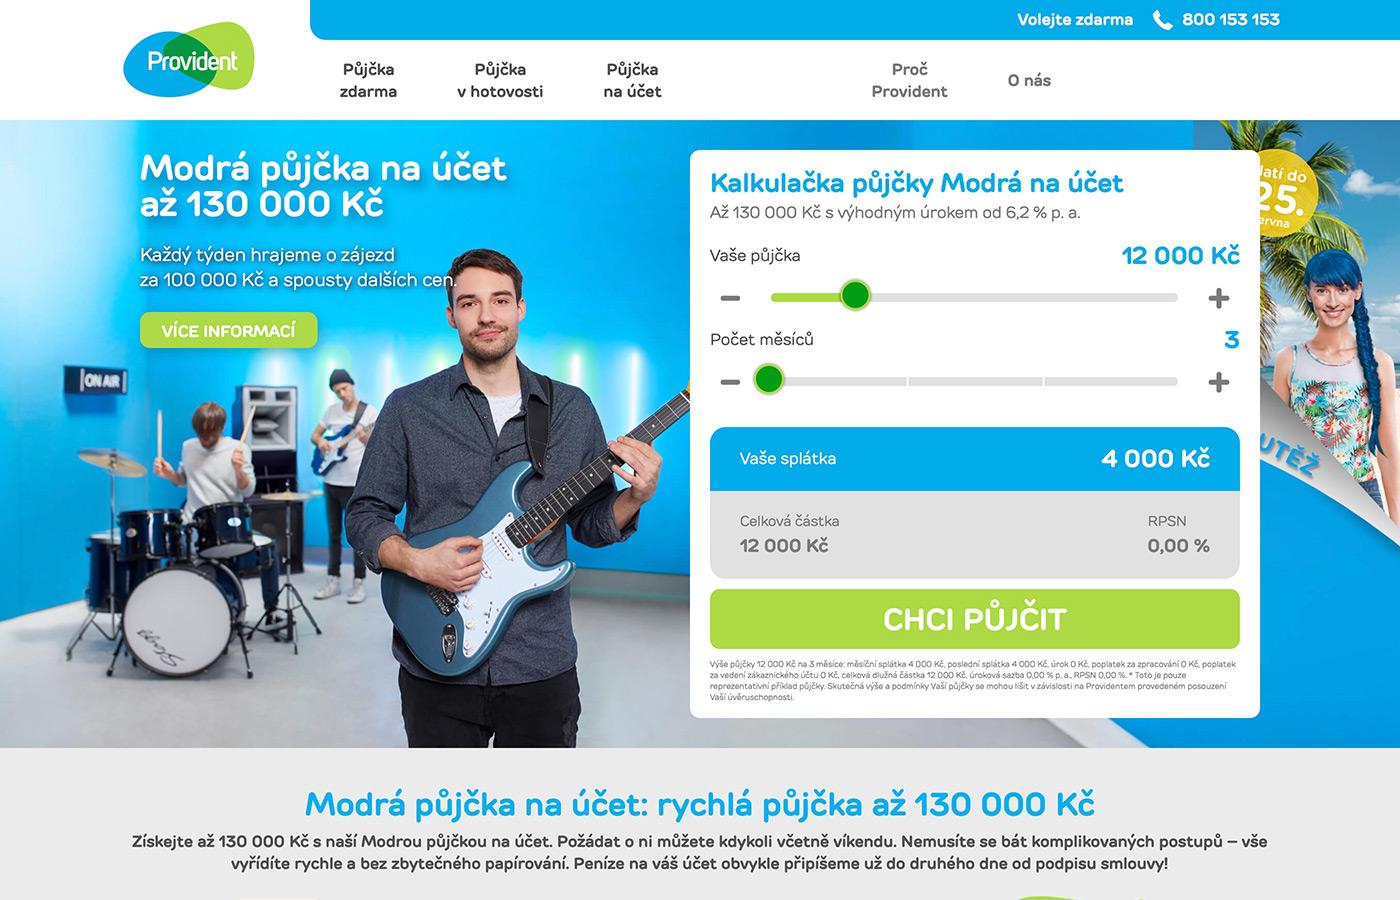 Webové stránky https://www.provident.cz/pujcky/pujcka-na-ucet